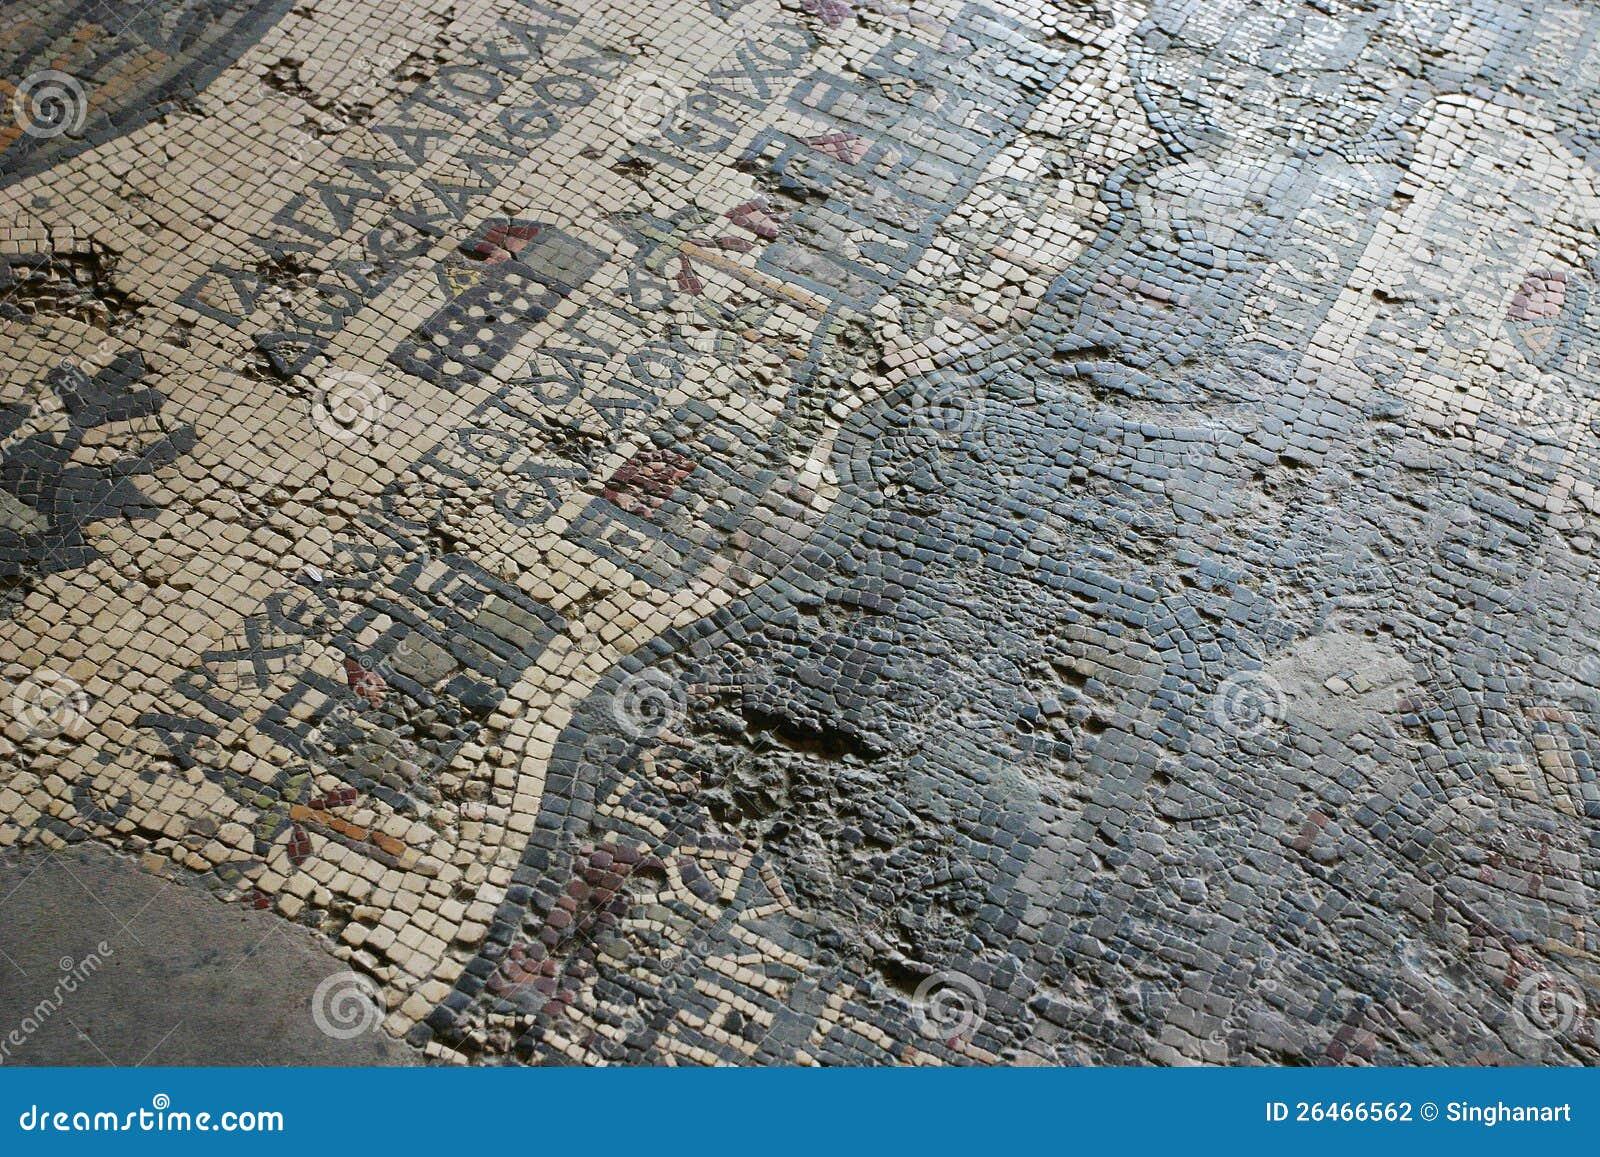 Azulejos de suelo de mosaico en jordania fotograf a de - Azulejos de suelo ...